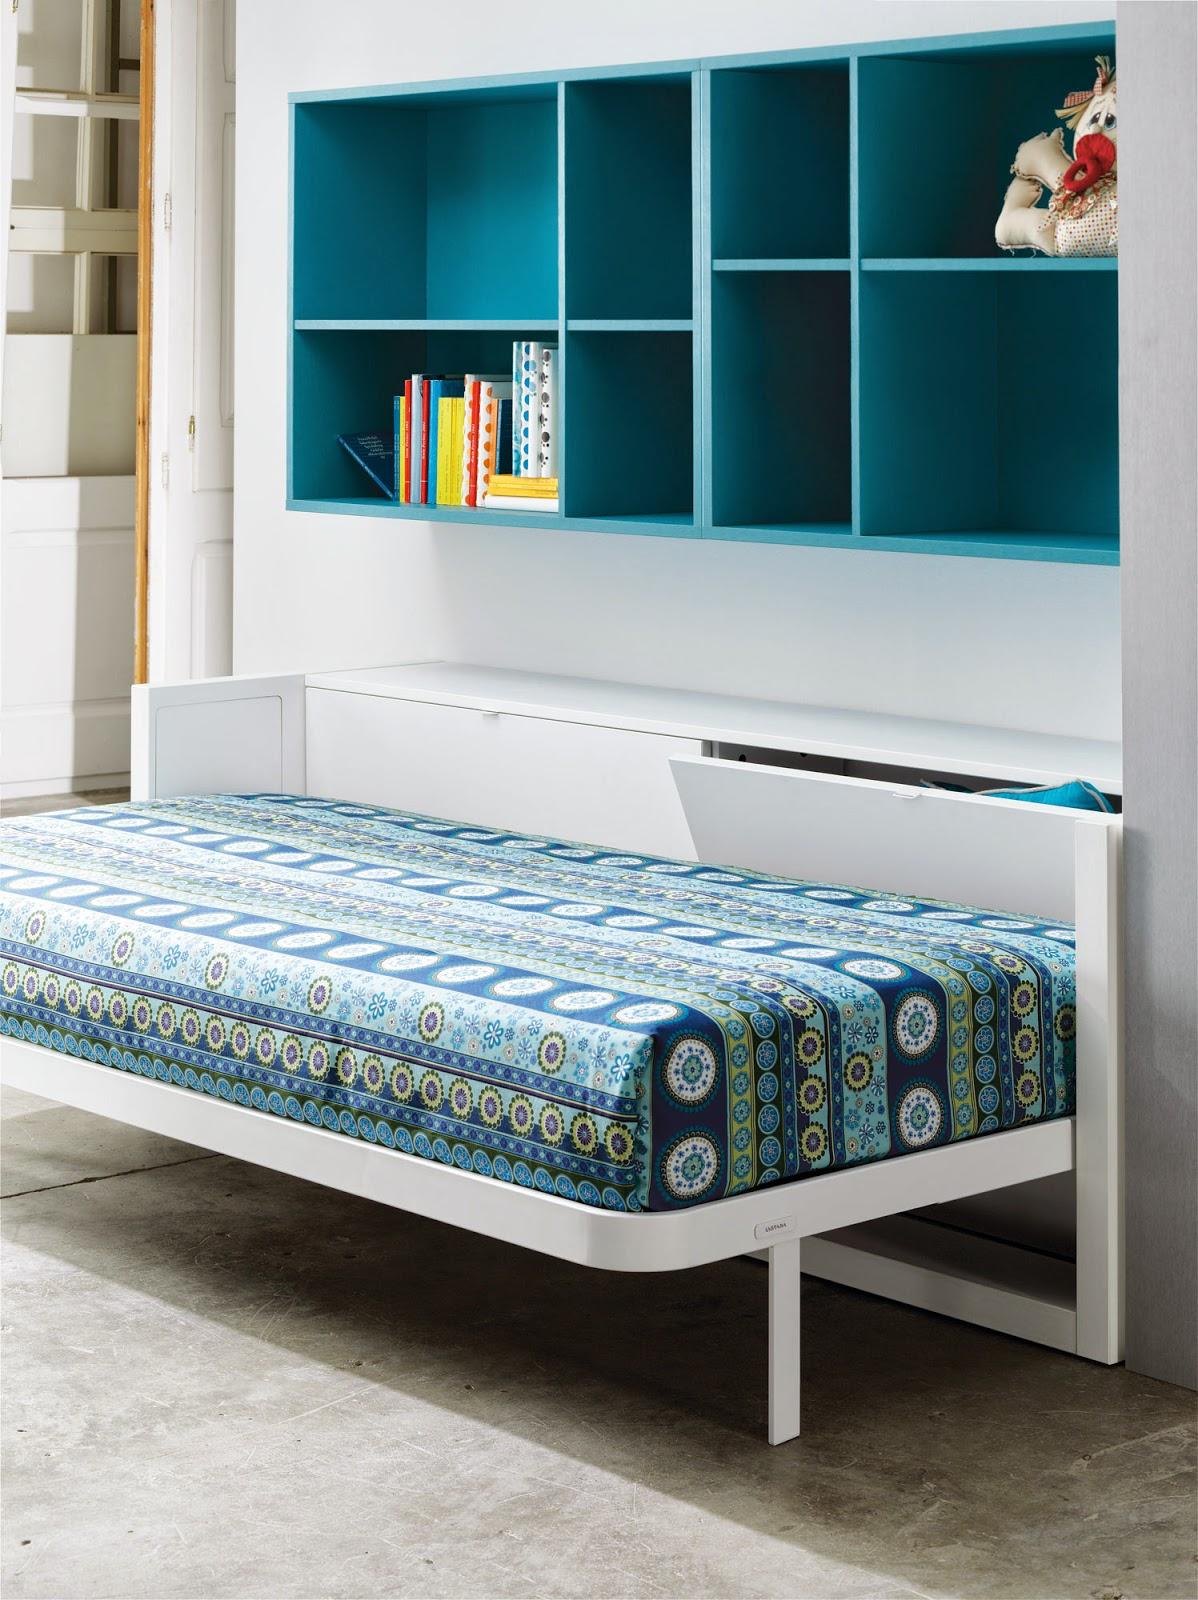 Muebles convertibles literas y camas abatibles - Muebles convertibles ...